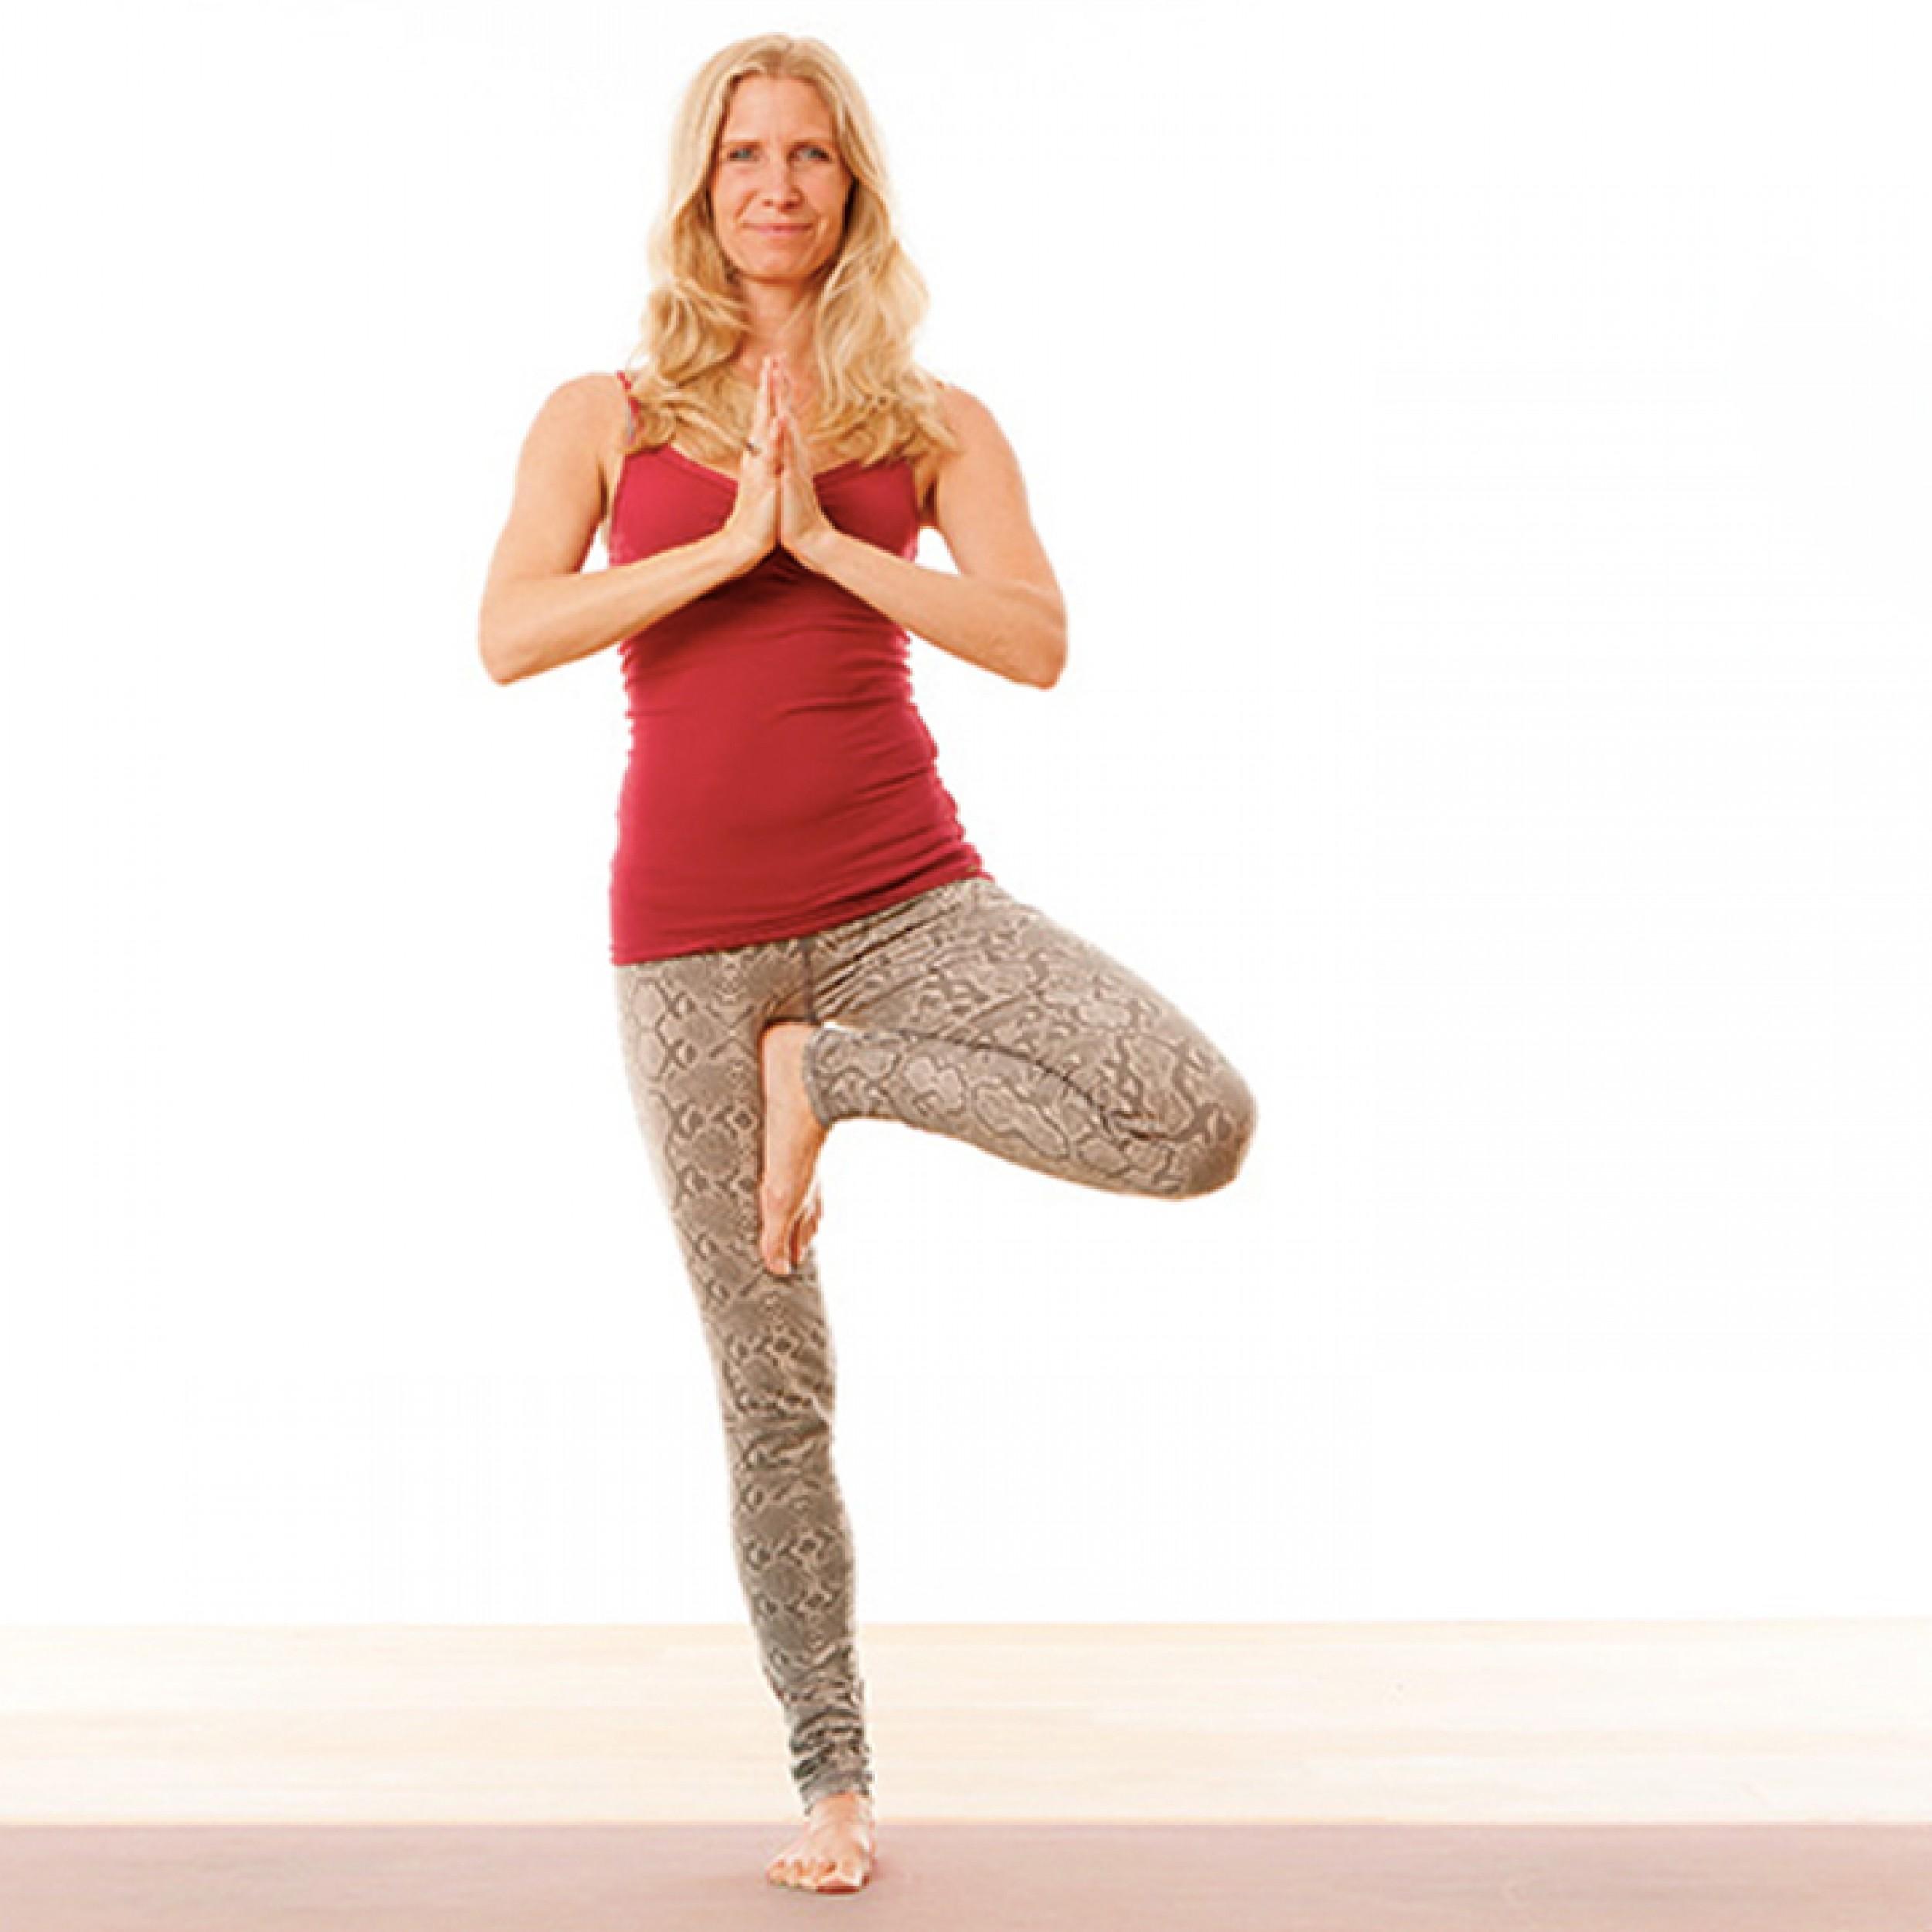 46/46 Yoga Challenge - Ekhart Yoga